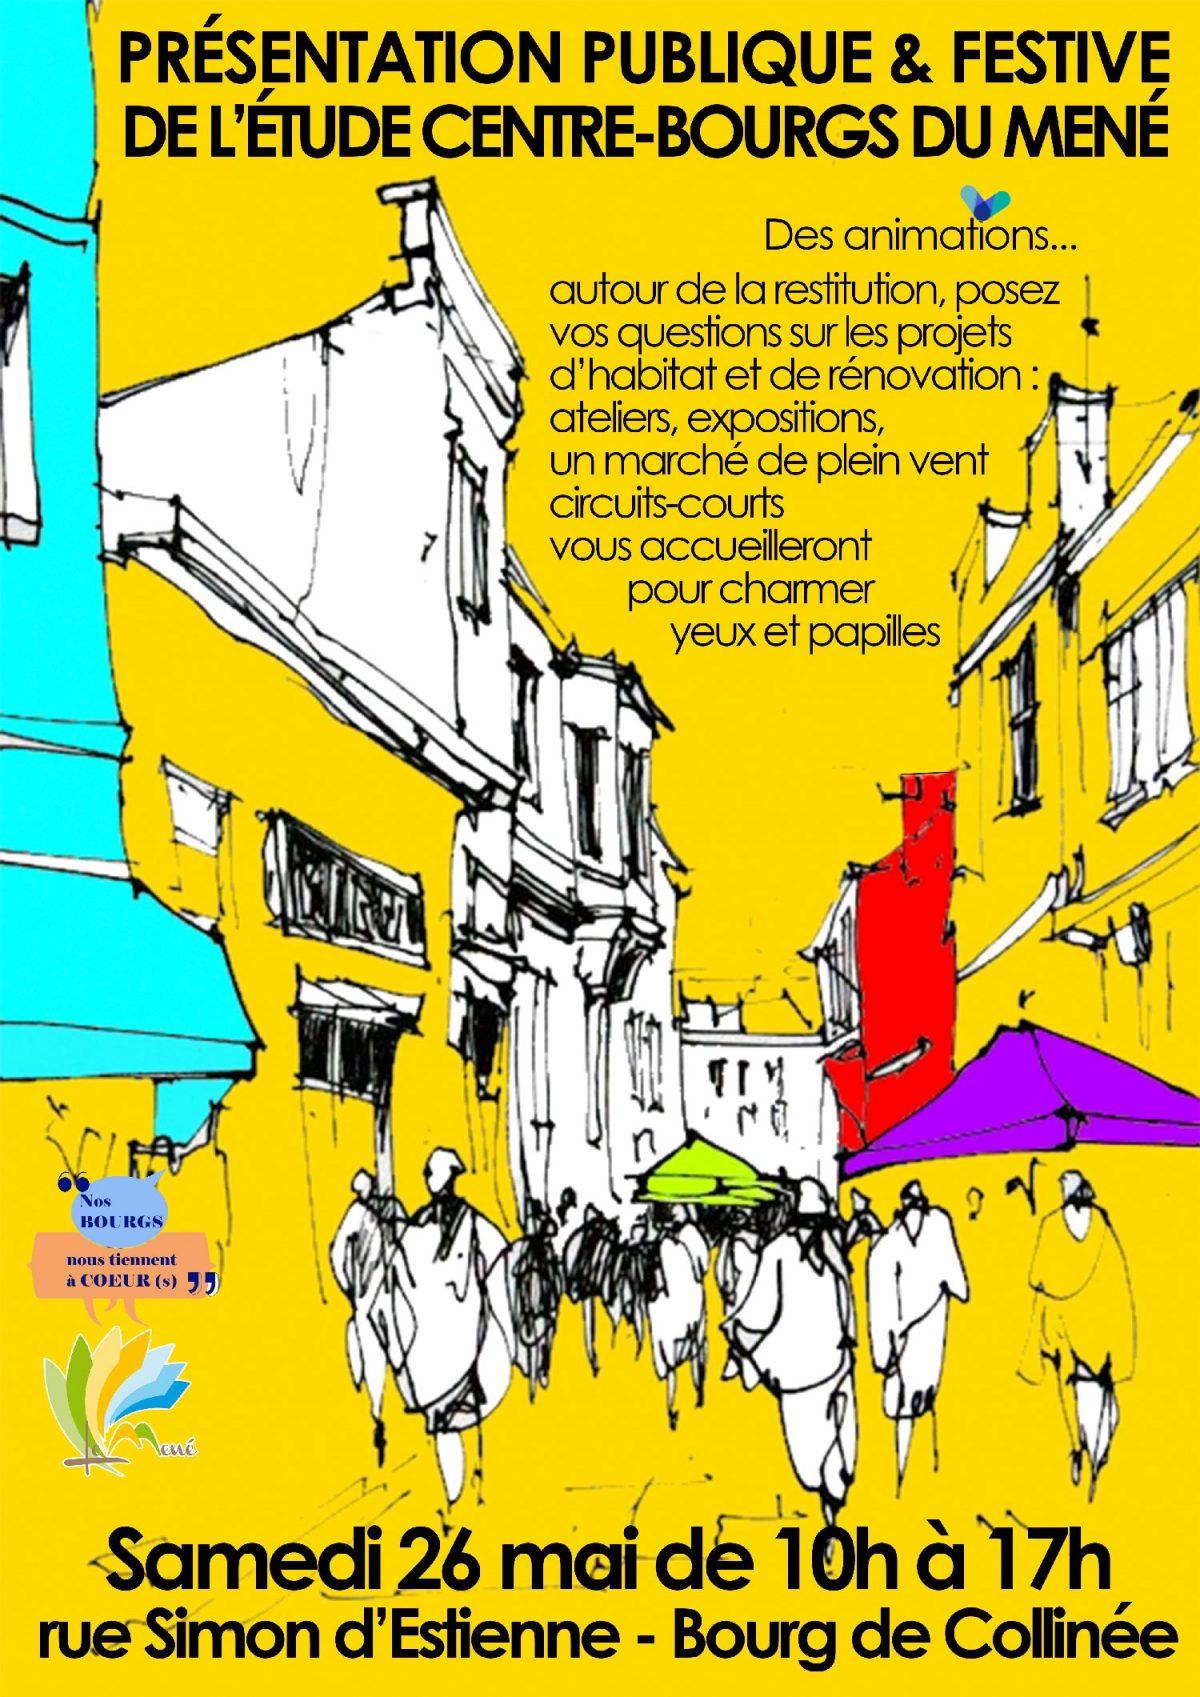 Présentation publique et festive de l'étude Centre-Bourgs